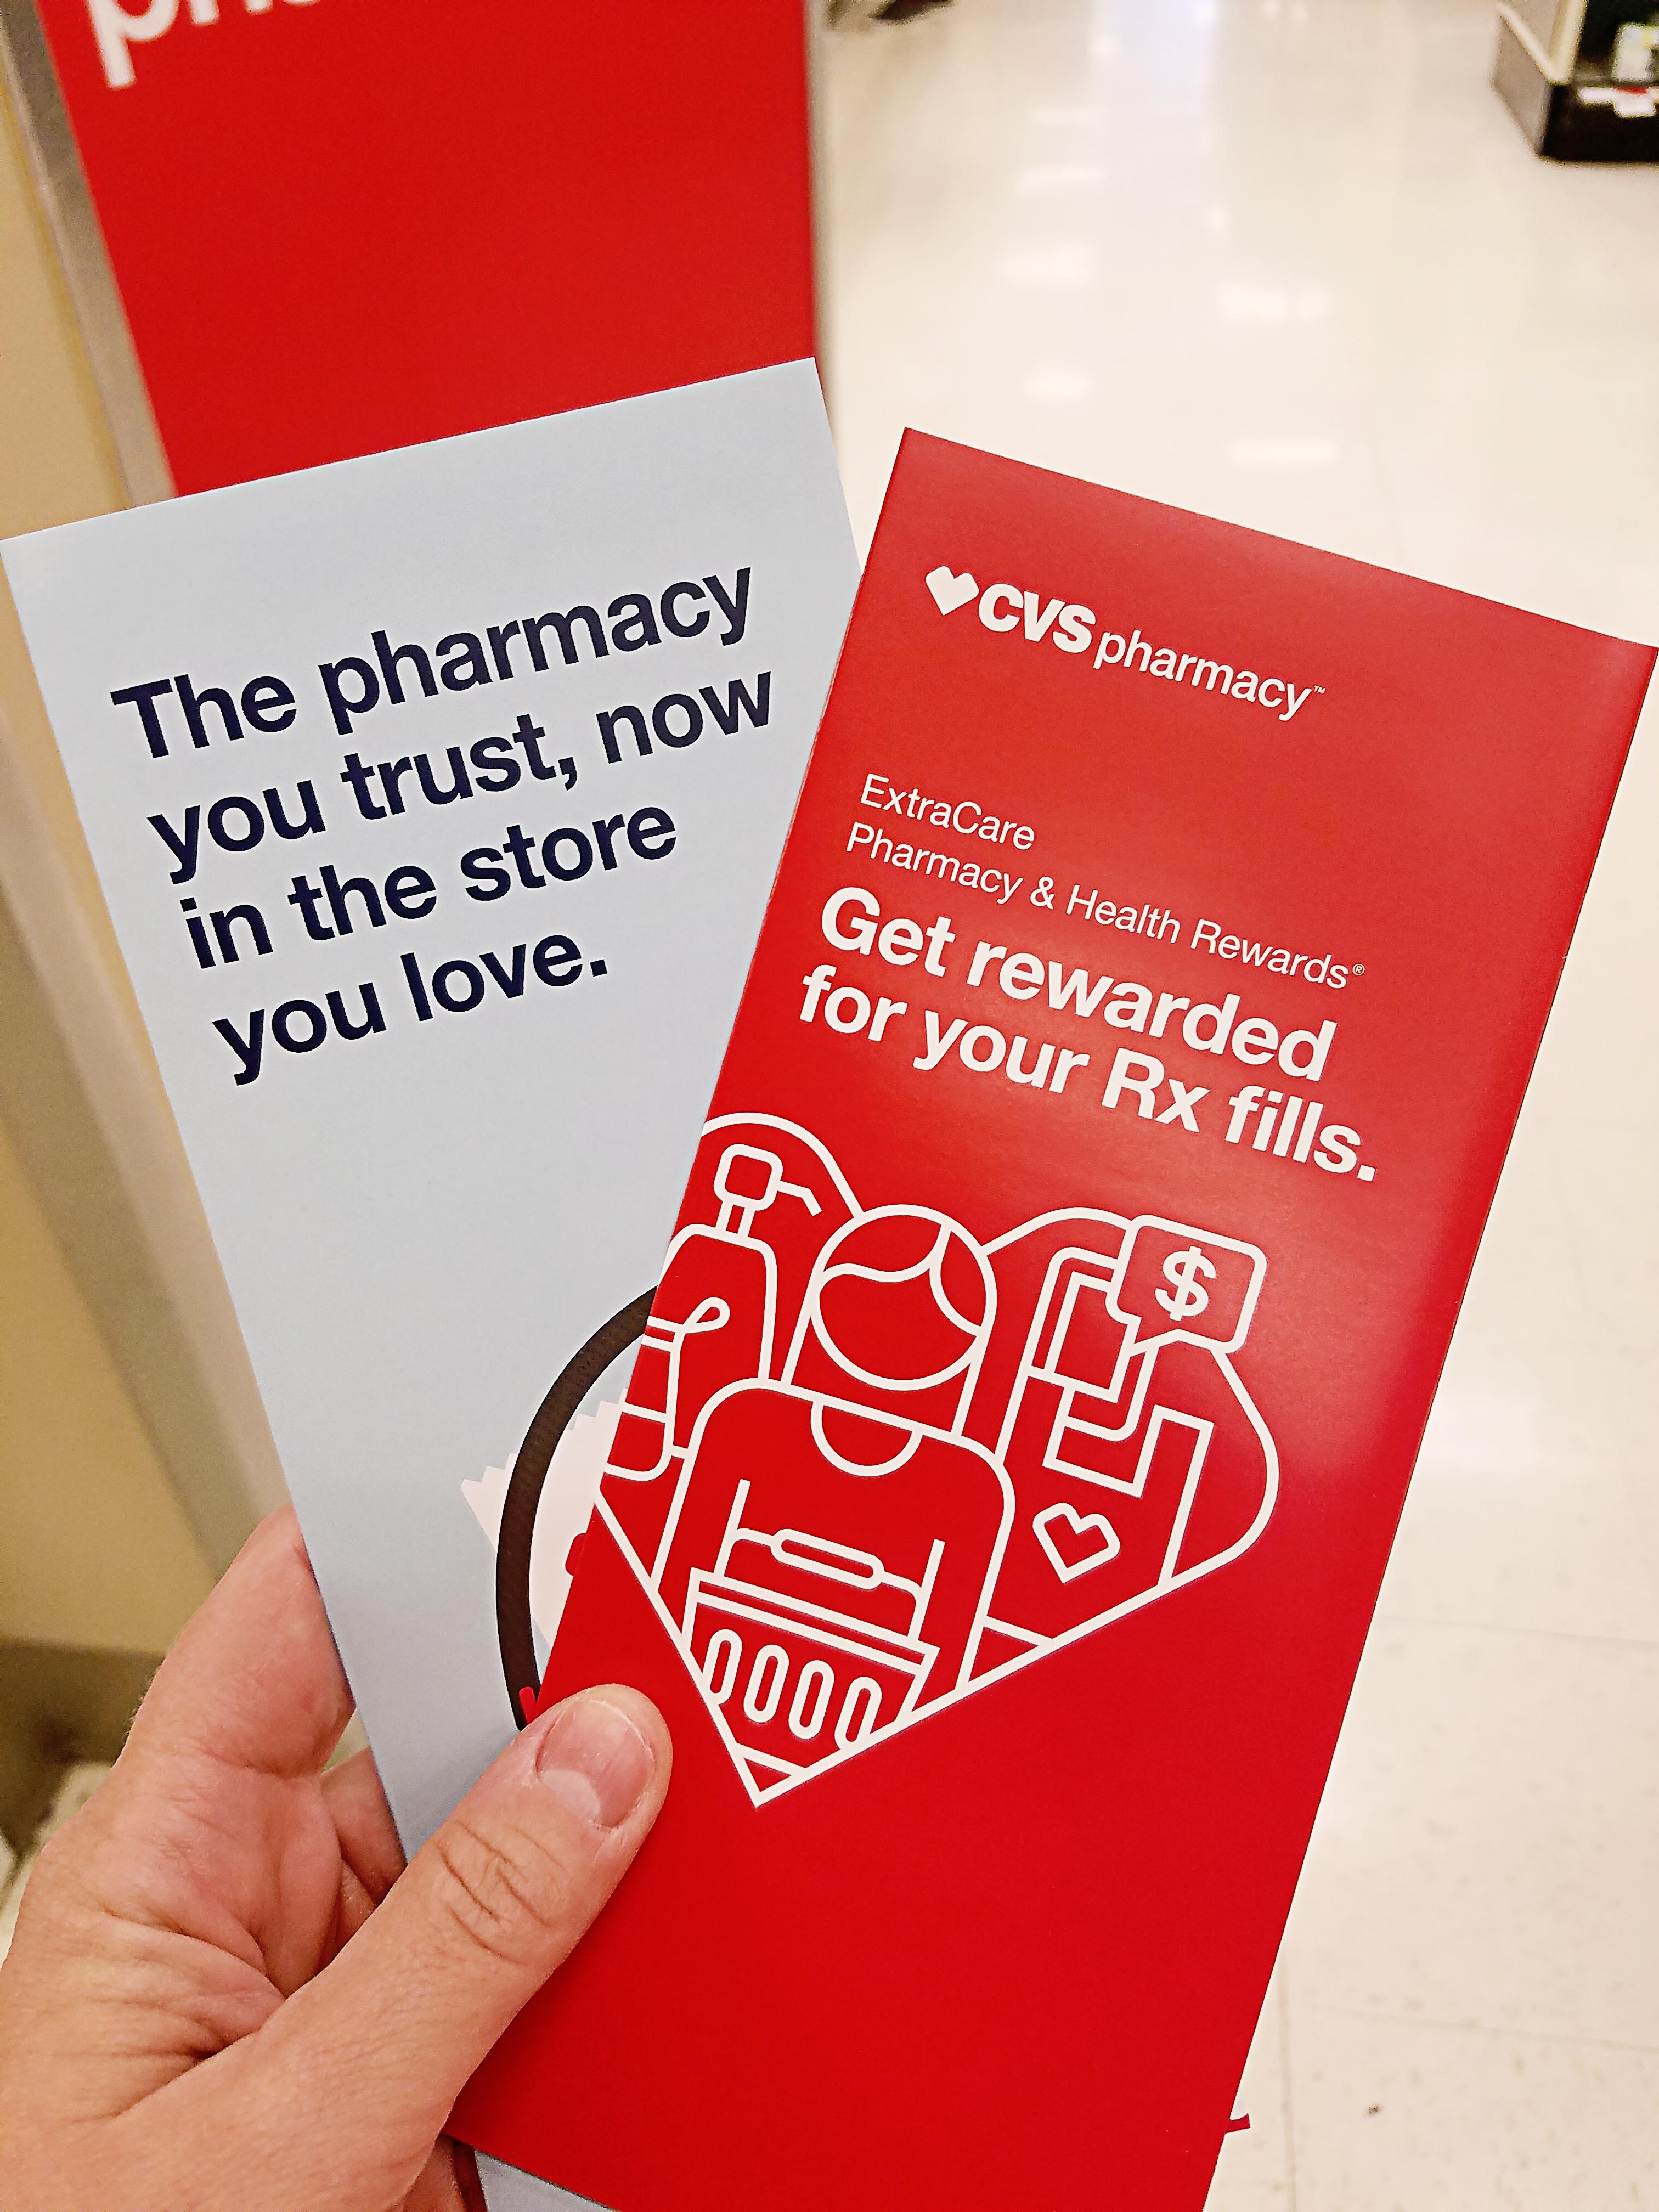 How Shopping at Target & CVS Pharmacy Just Got Easier